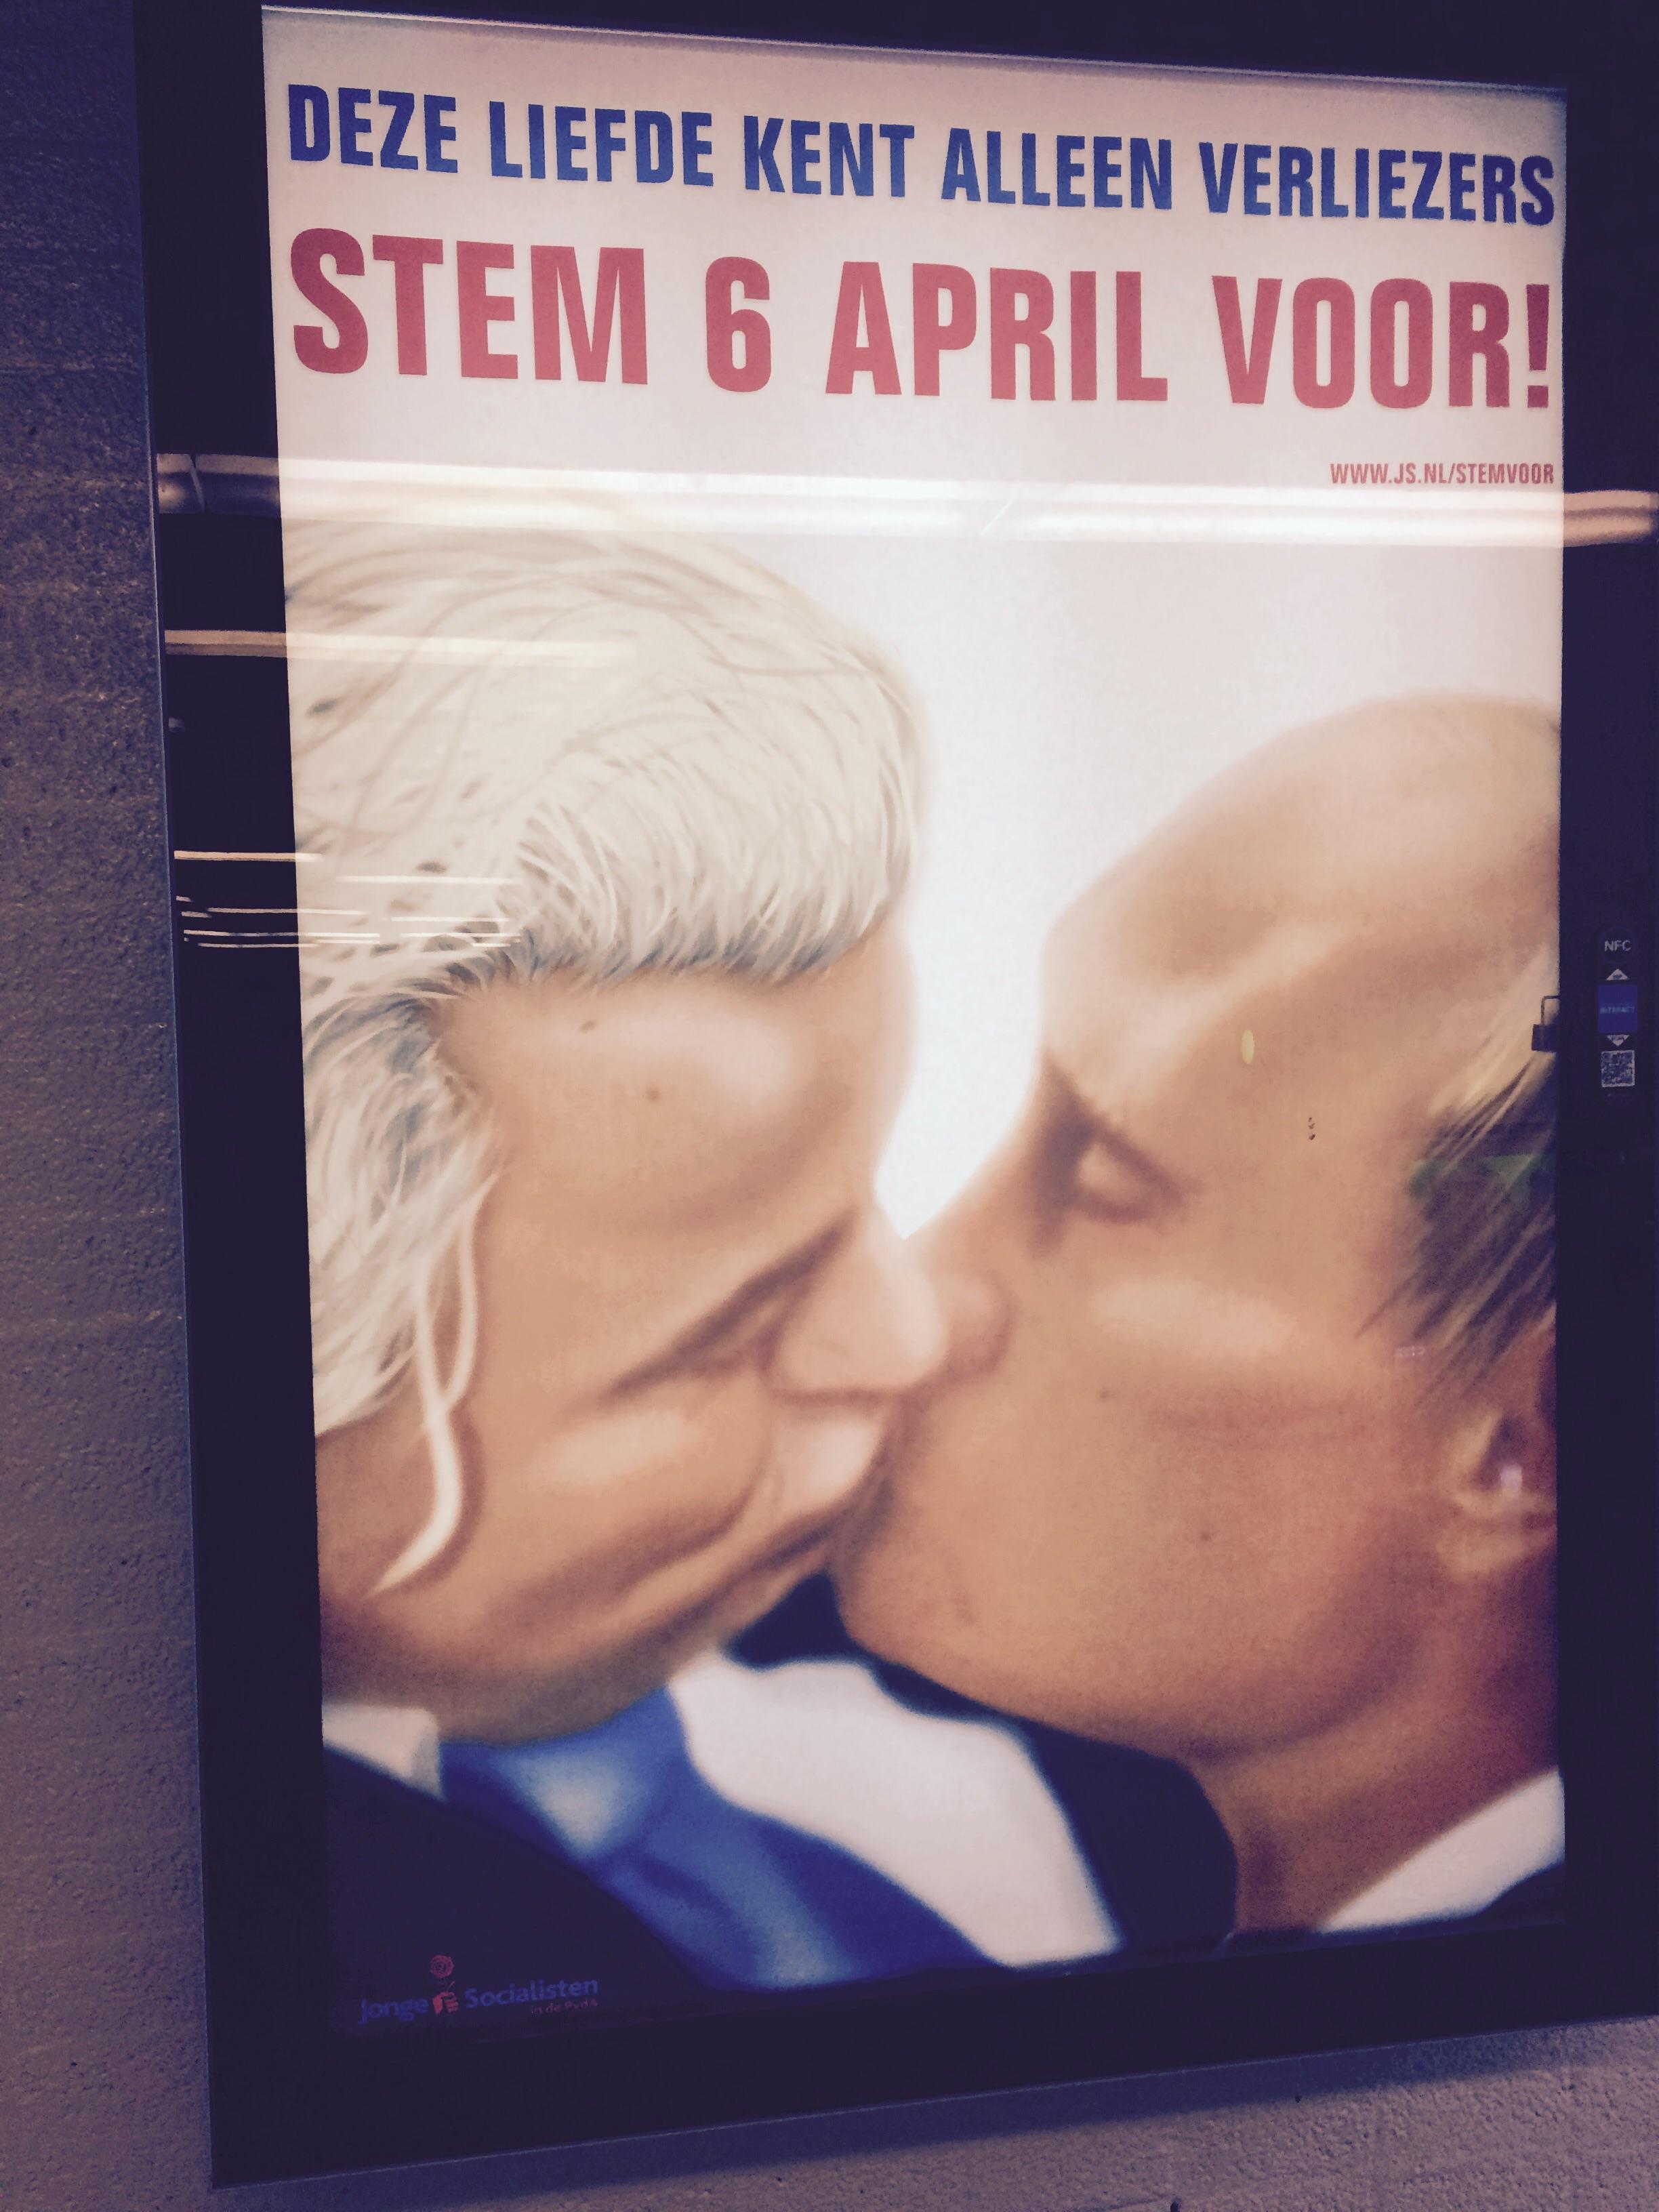 В случае отрицательного результата референдума Нидерланды не ратифицируют ассоциацию с Украиной, - депутат парламента Ферхувен - Цензор.НЕТ 5820